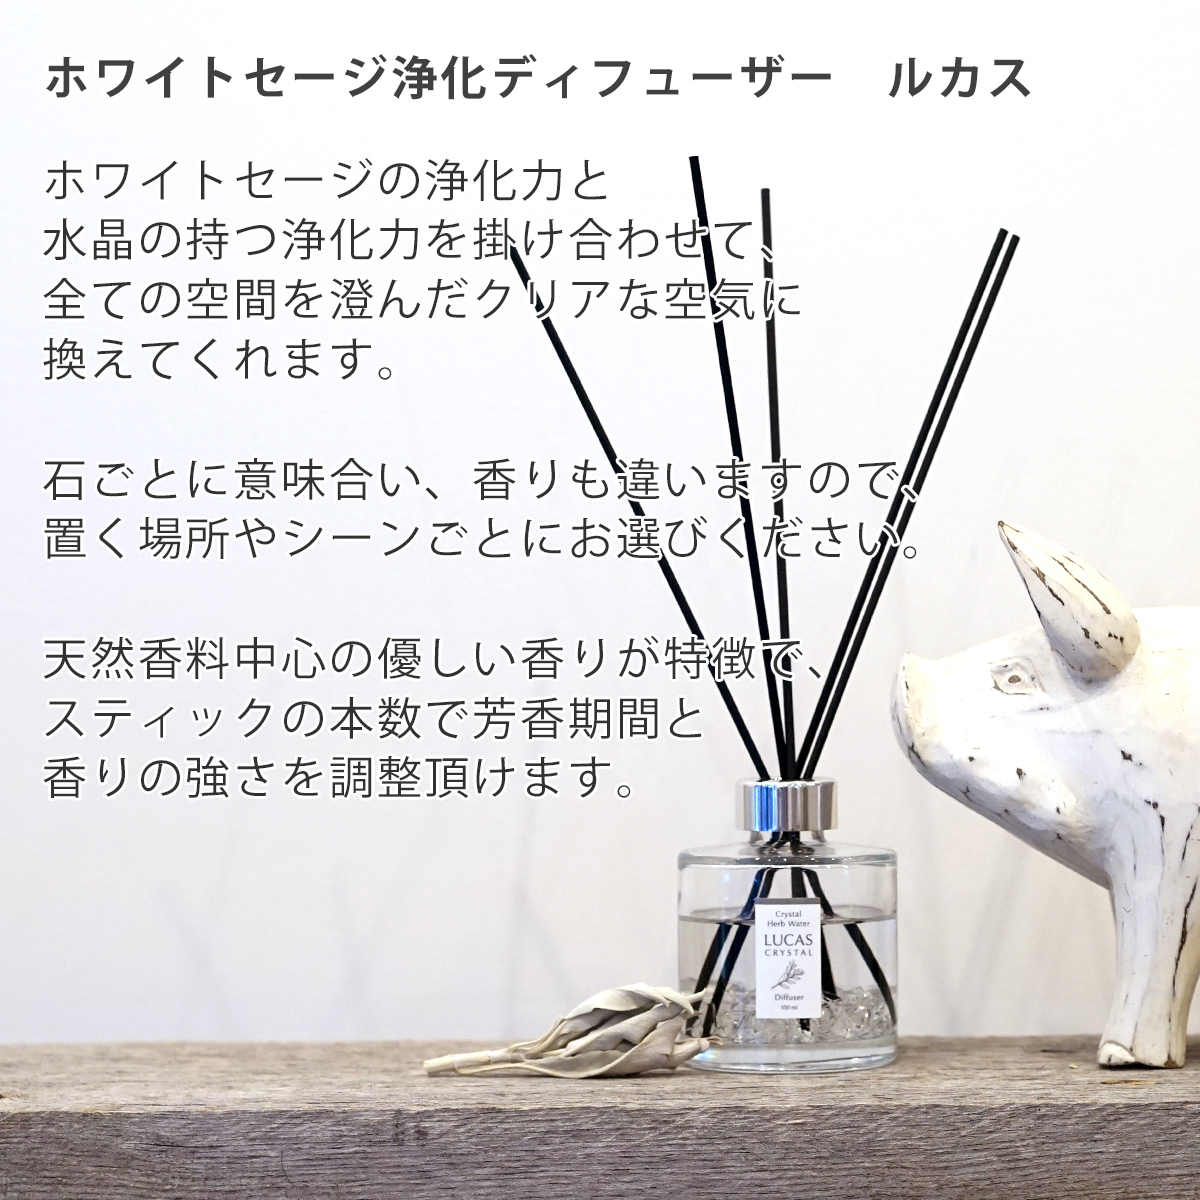 浄化ディフューザー ルカス 【ローズクオーツ】